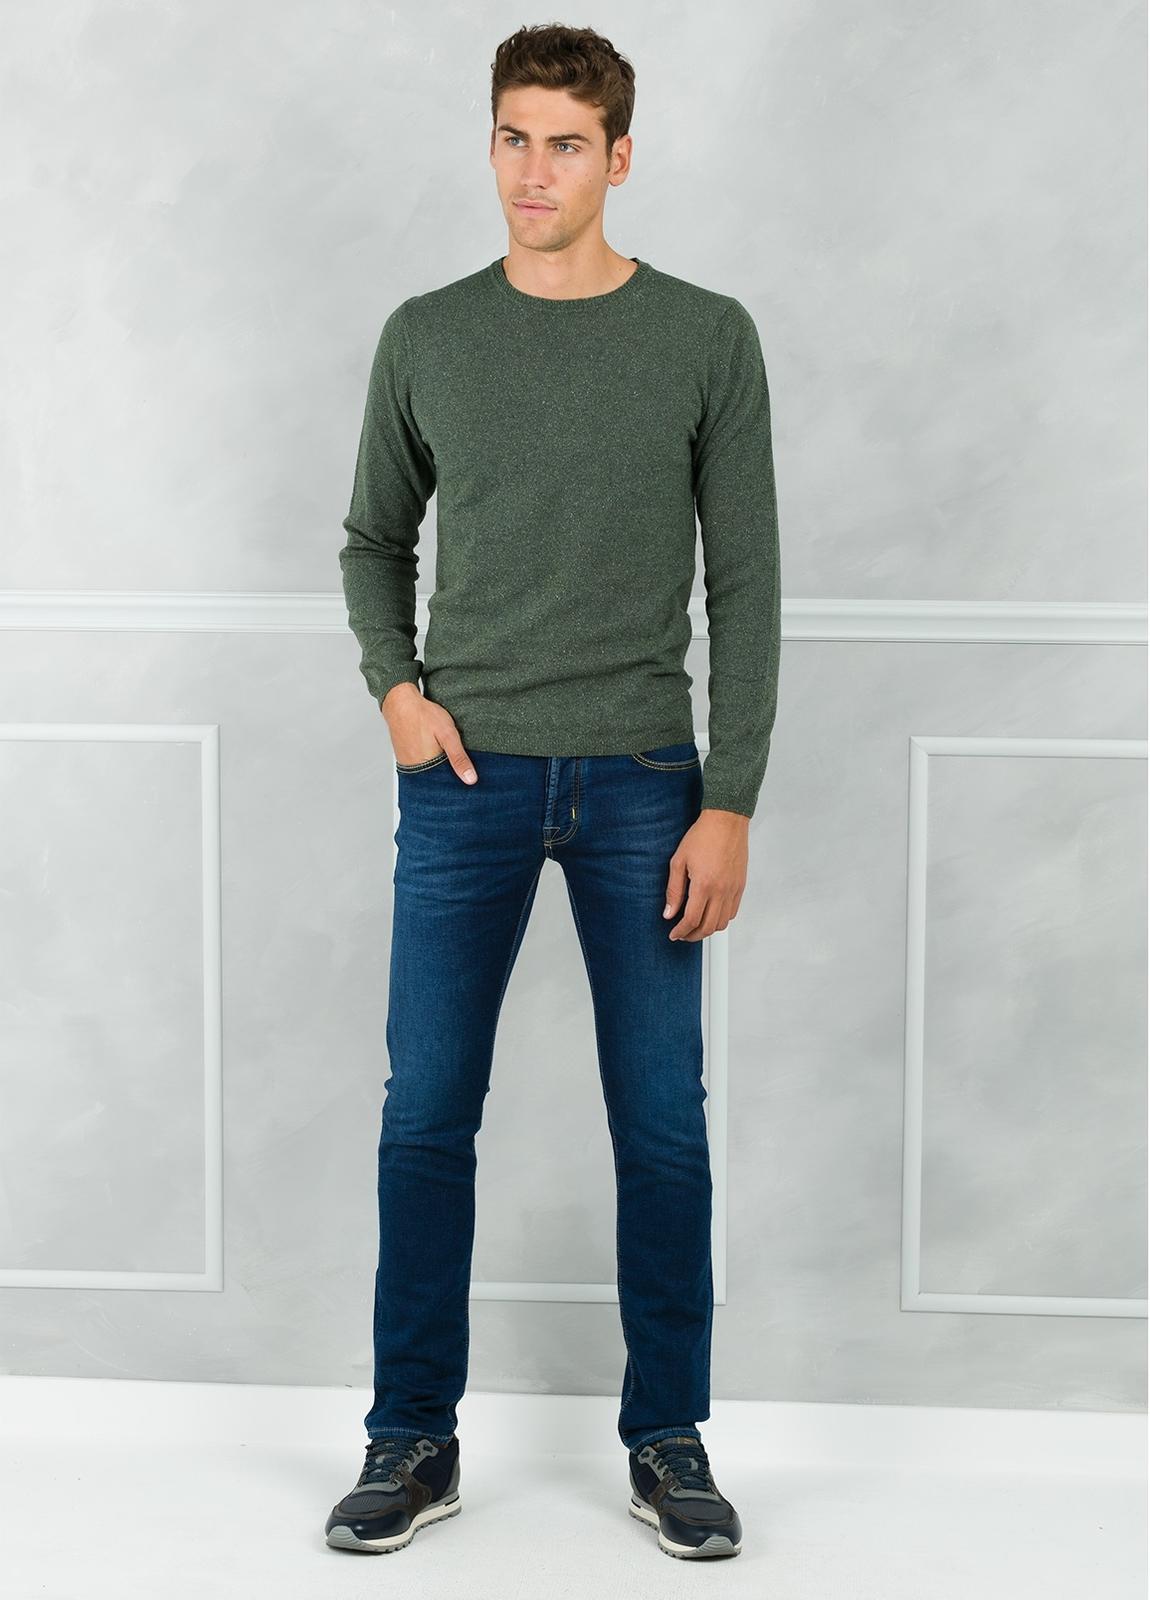 Jersey cuello redondo jaspeado color verde. 50% Lana 25% Seda 25% Nylon - Ítem1